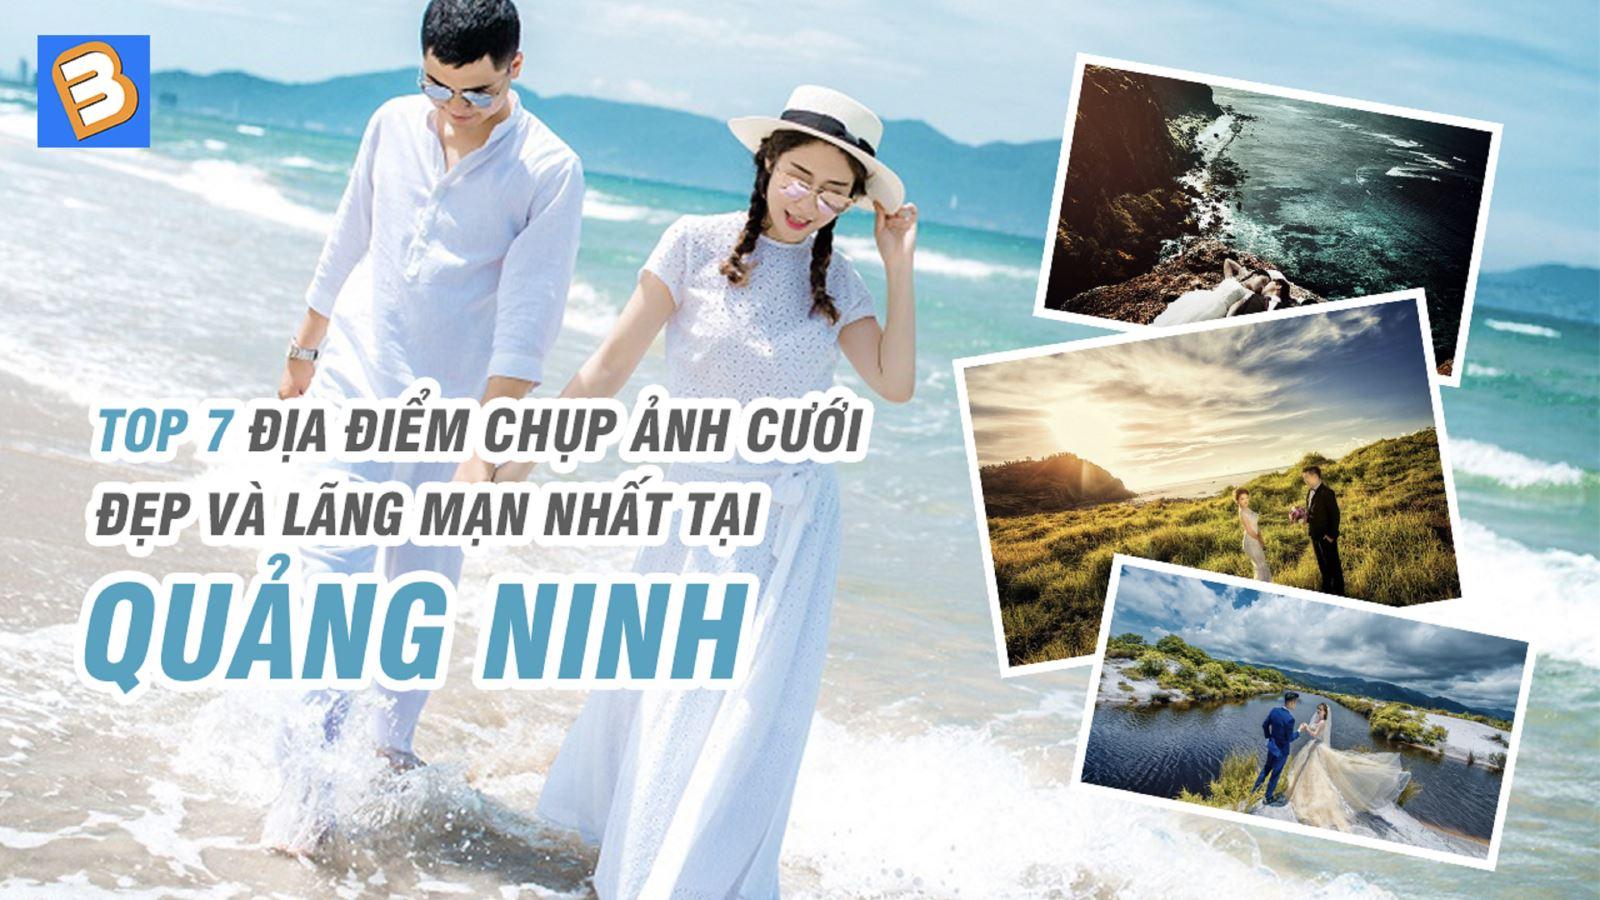 Top 7 địa điểm chụp ảnh cưới đẹp và lãng mạn nhất tại Quảng Ninh